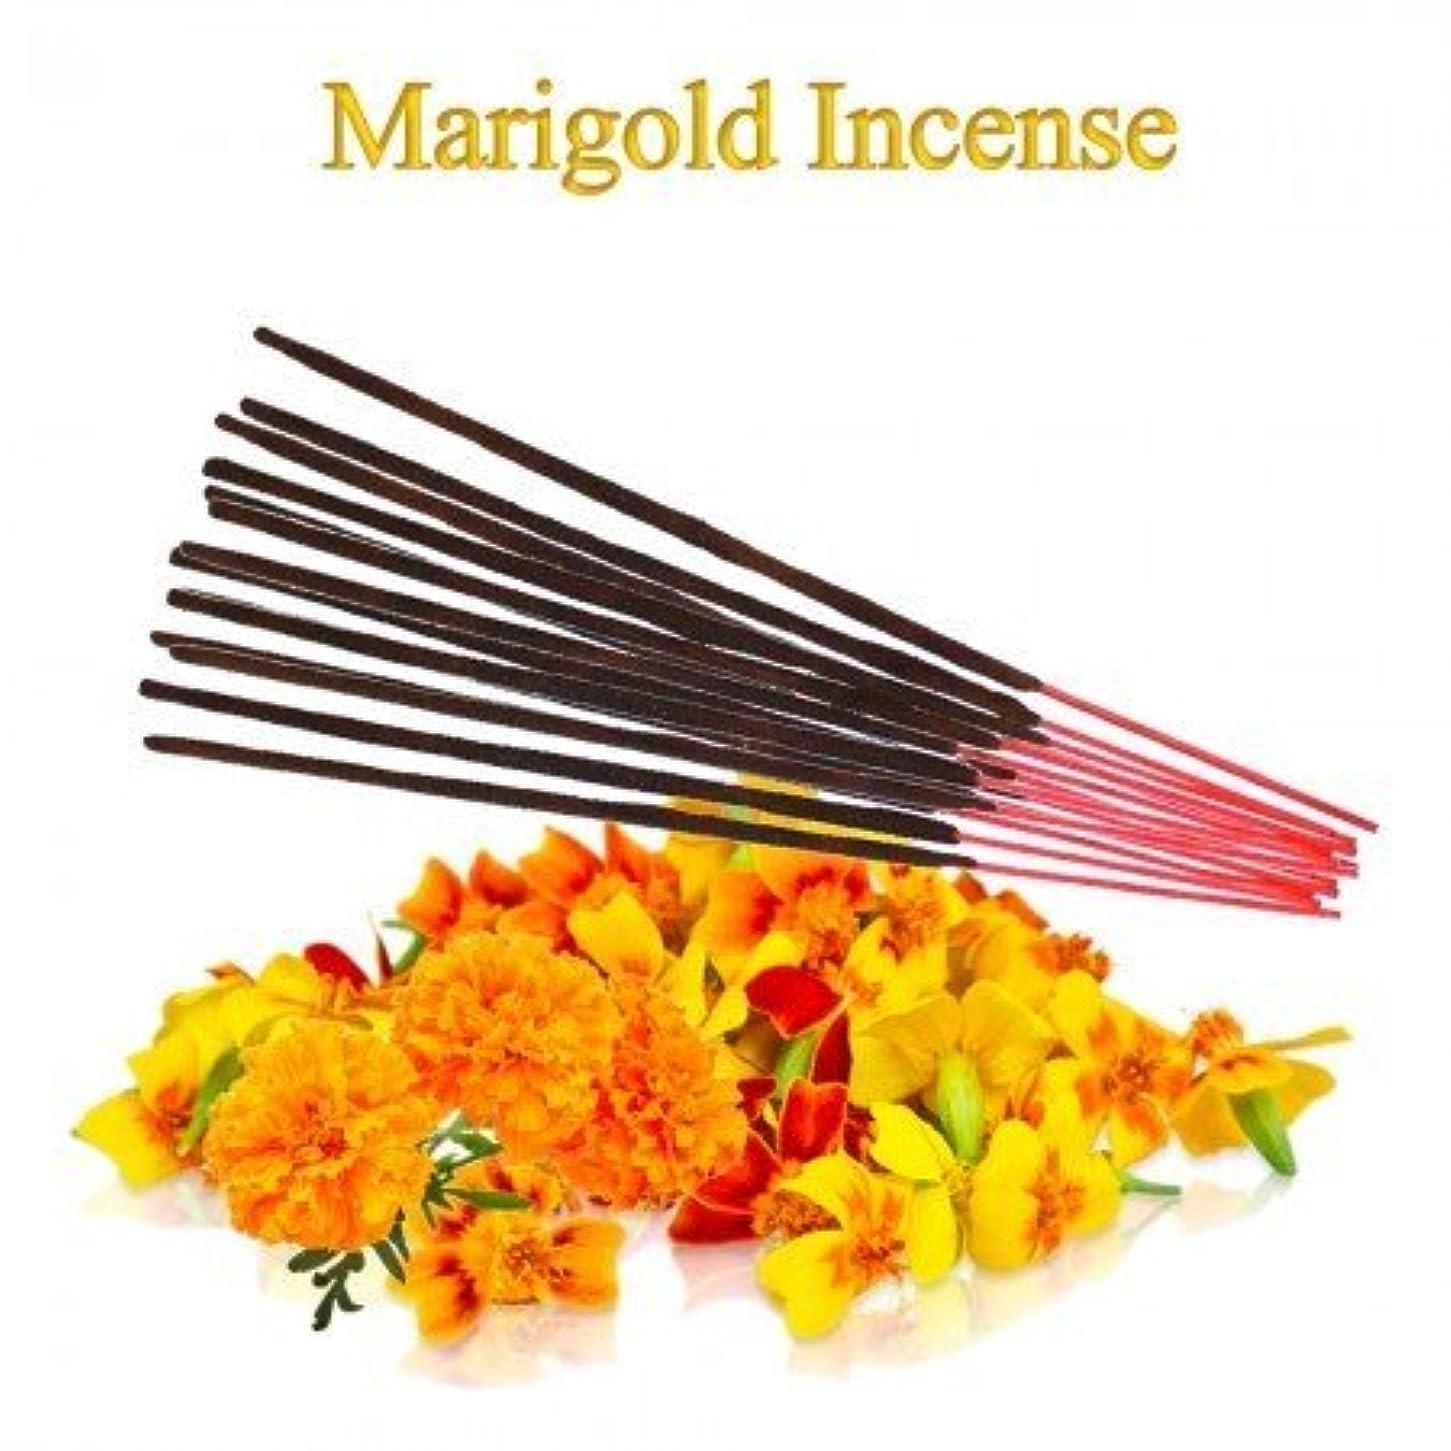 フォーラムスカリー拒否Marigold Incense - 100 gms Divine World